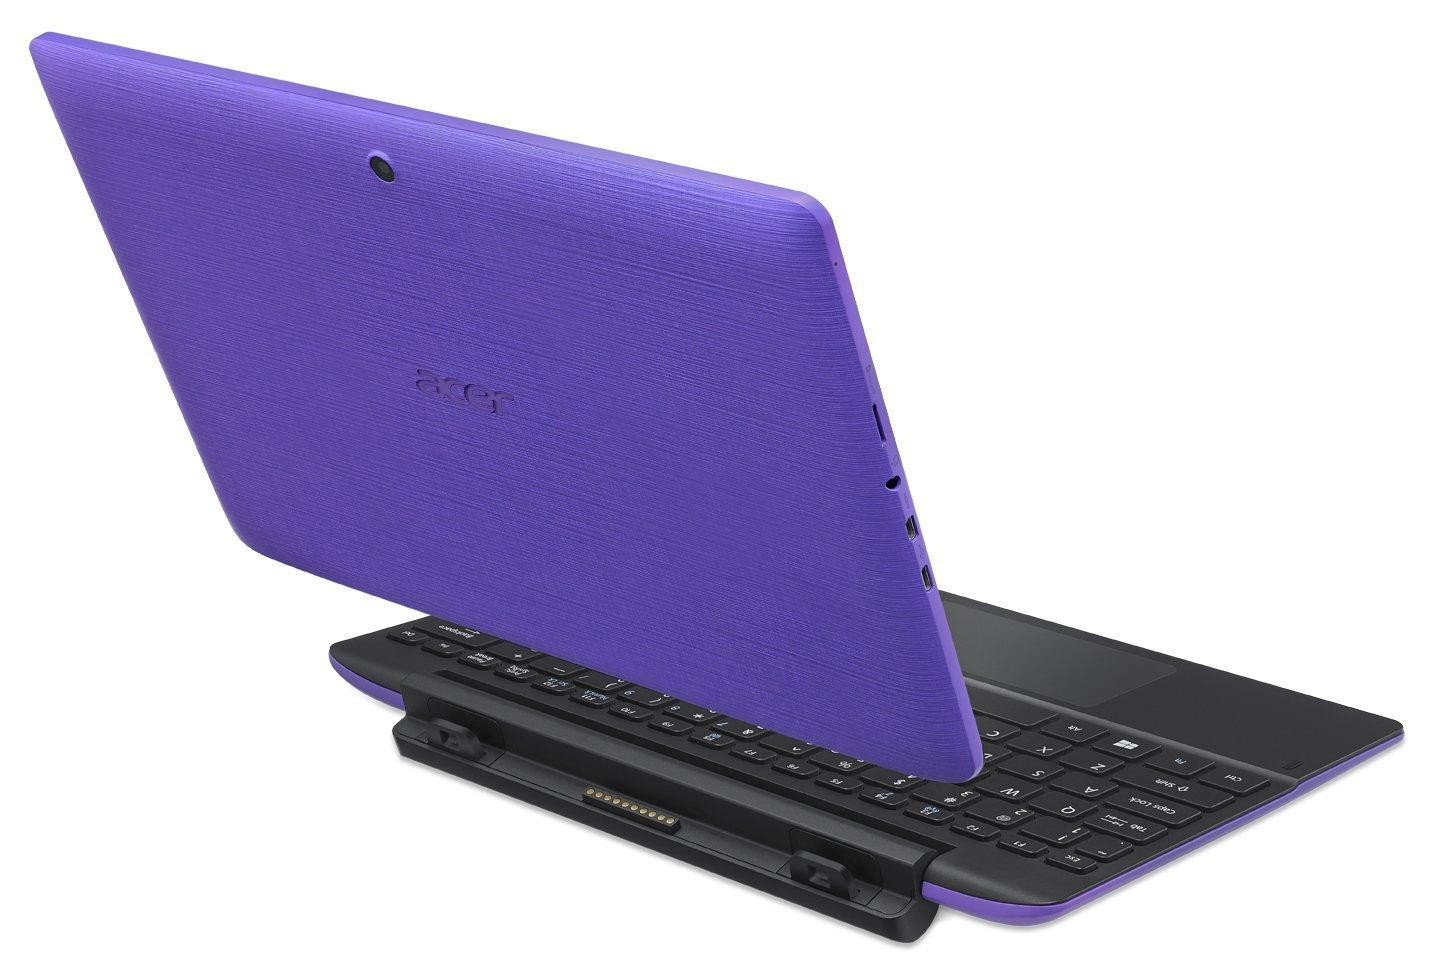 ACER ASPIRE SW3-013-19T3 Intel Z3735F - 2GB - eMMC 32GB+500GB - Intel HD - 10.1